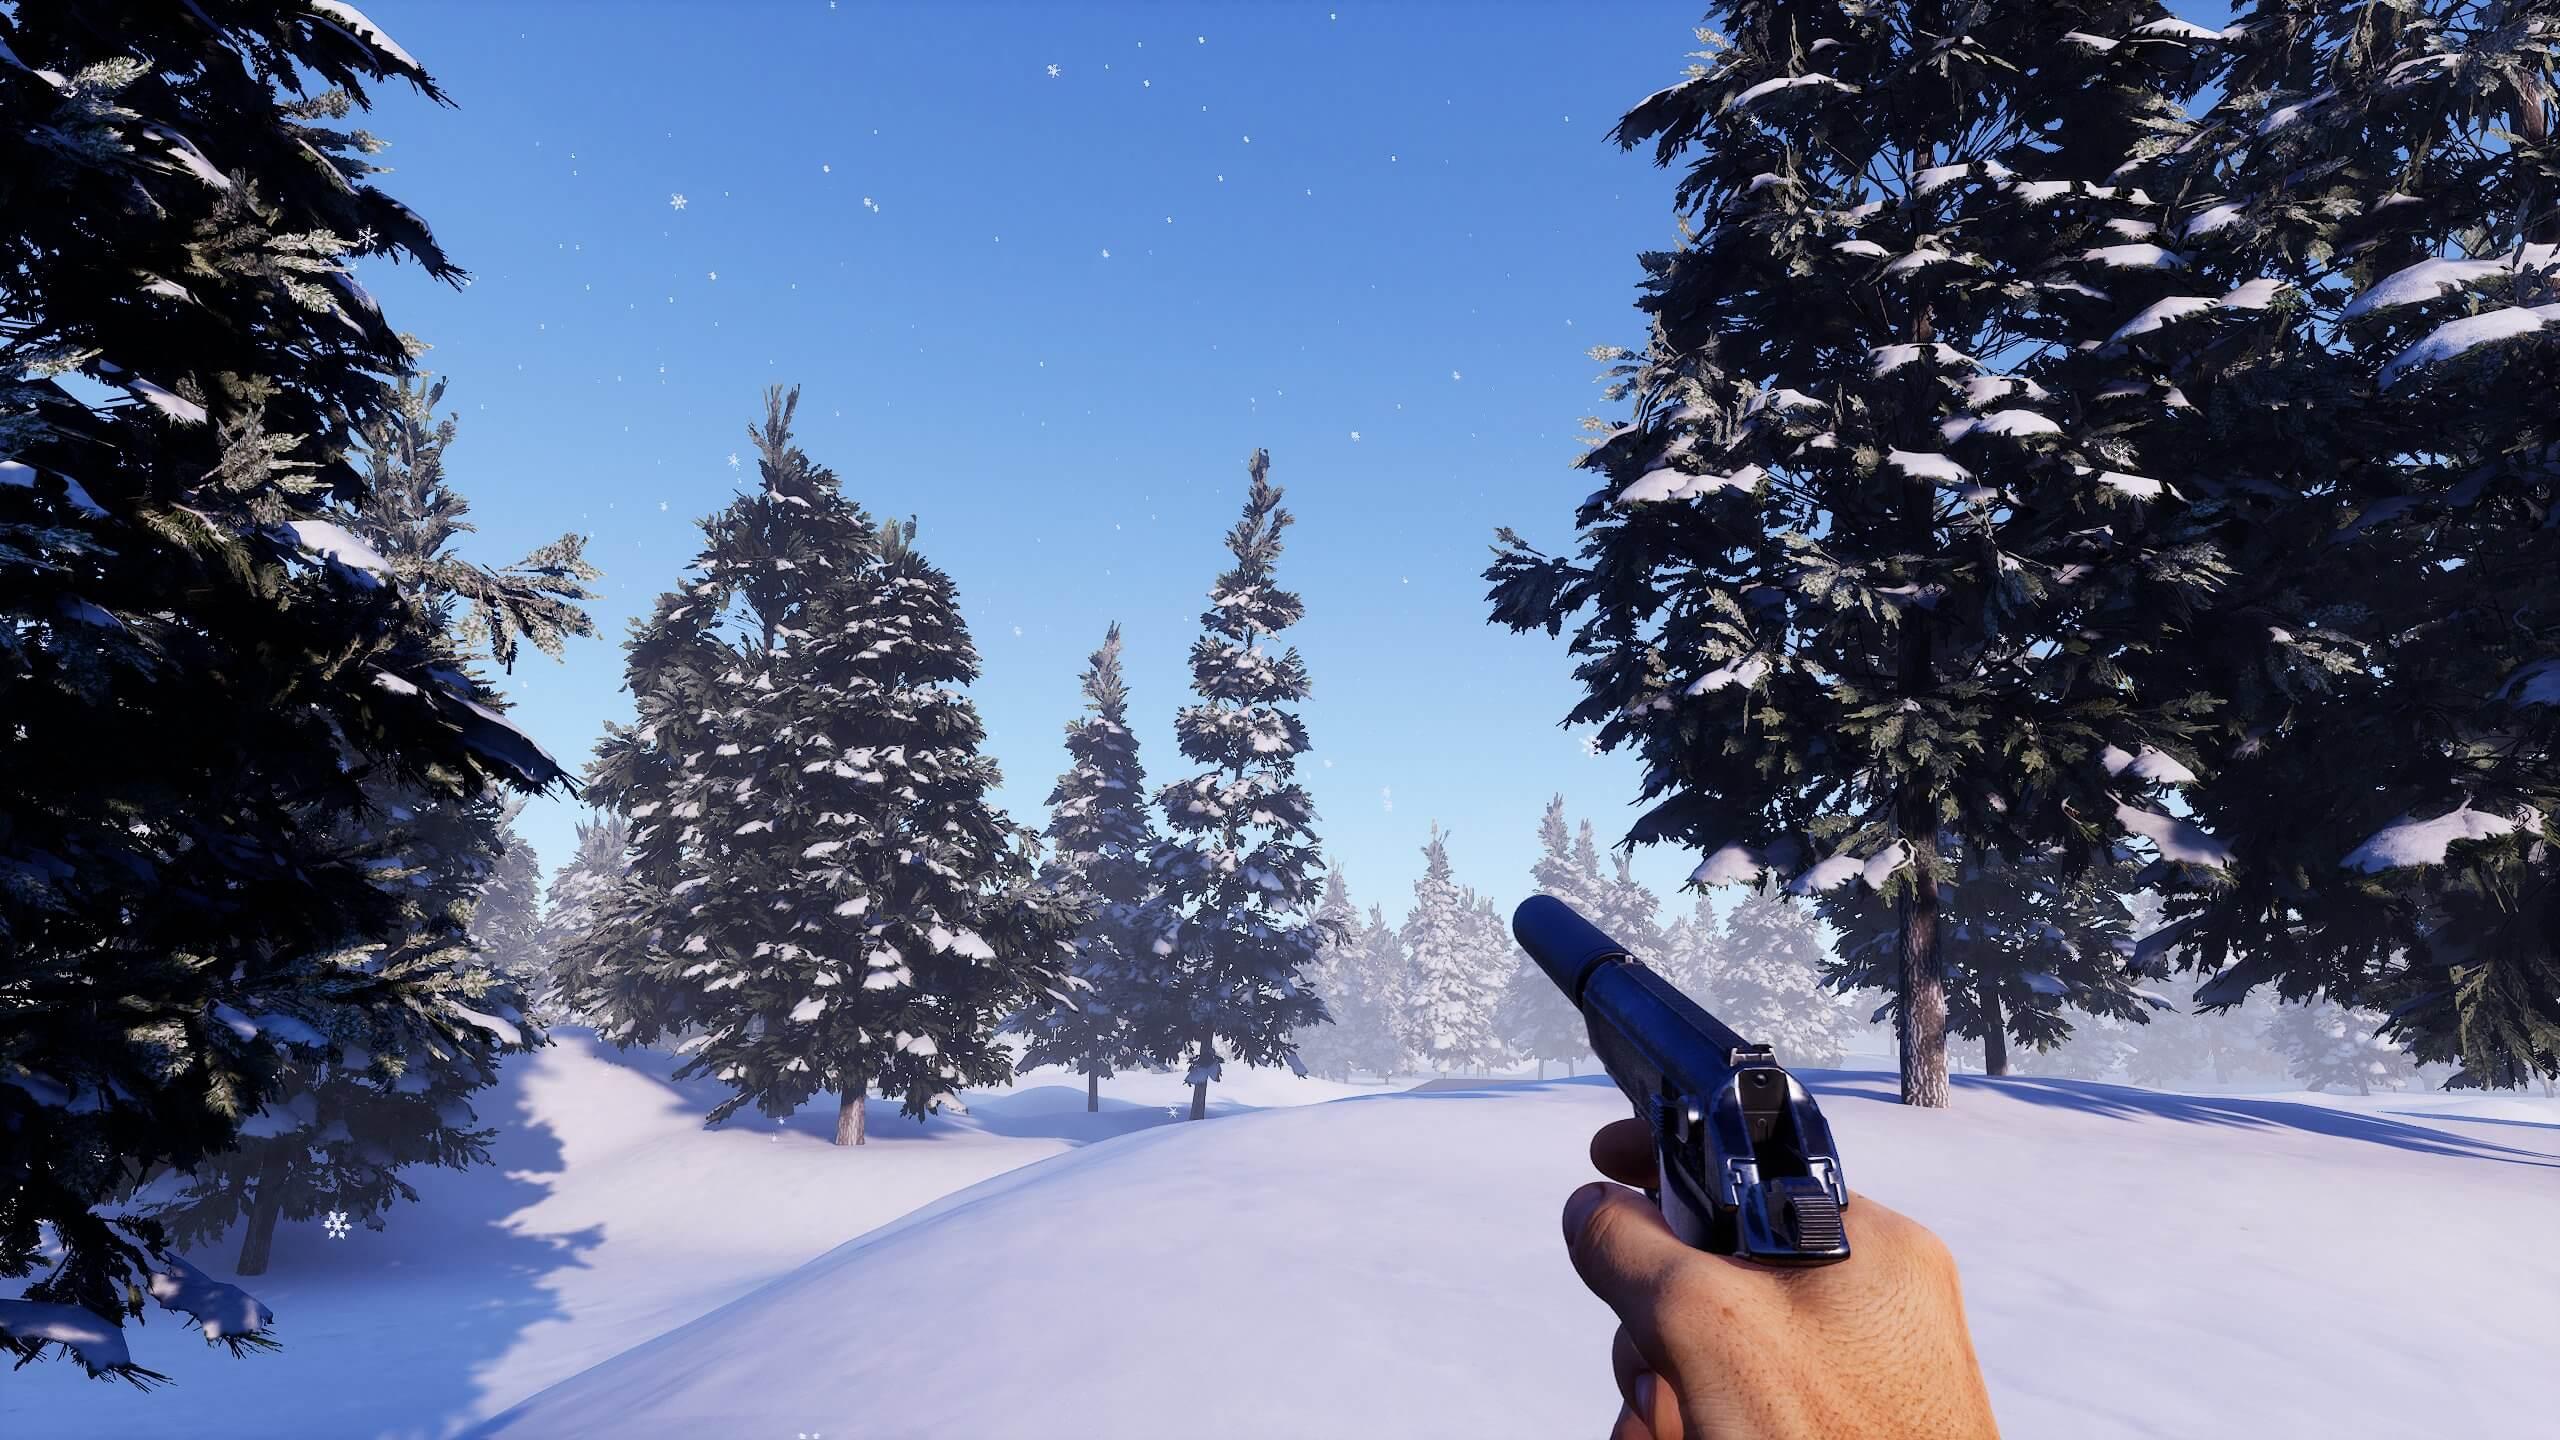 Новые скриншоты Goldeneye 25 — фанатского ремейка Goldeneye 007 на Unreal Engine 4